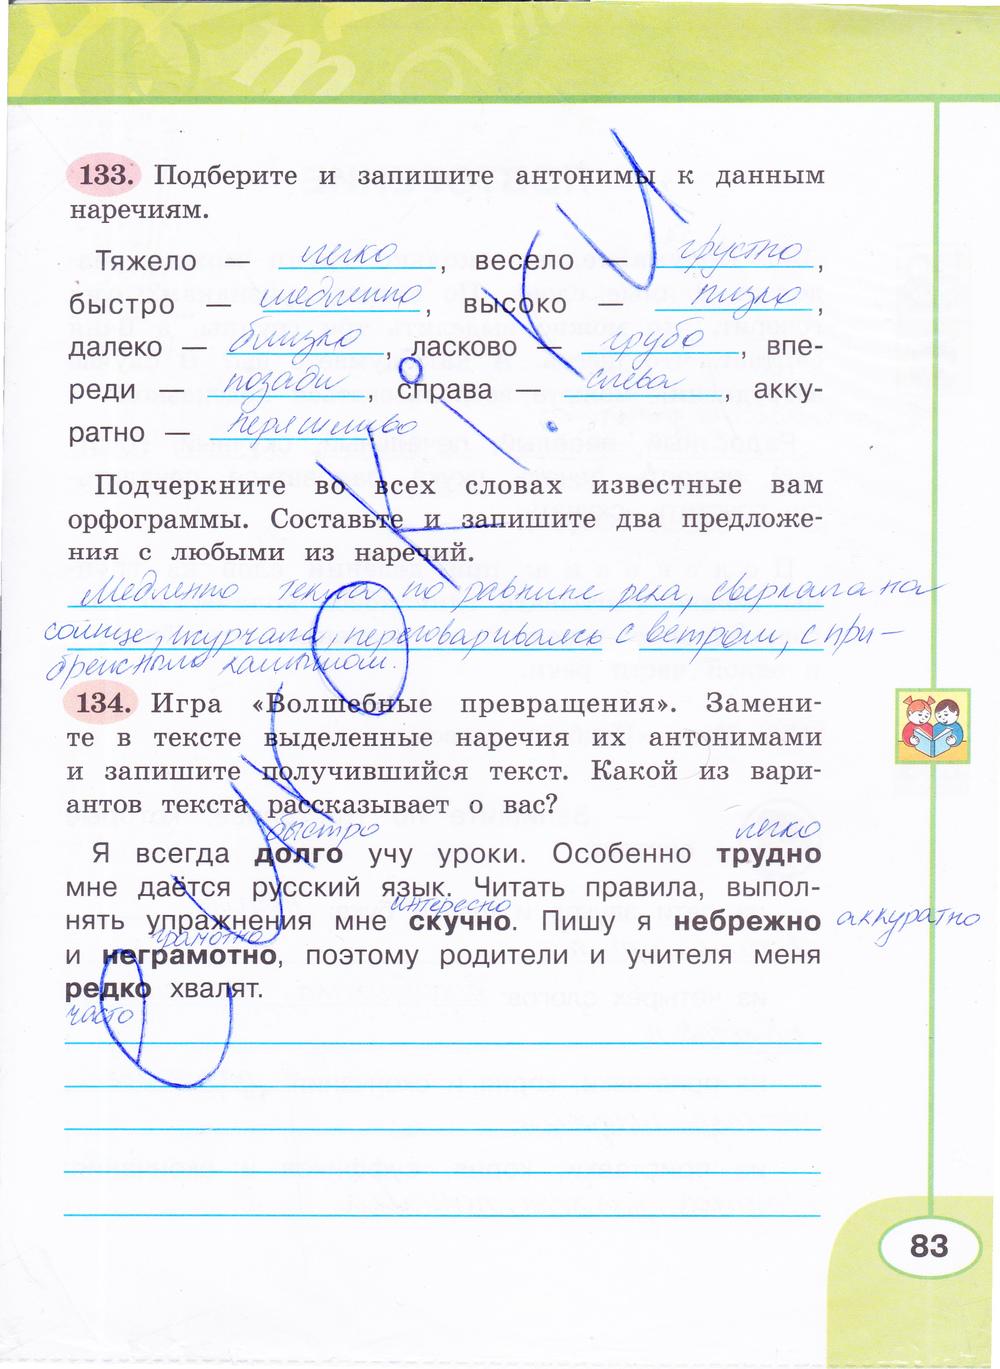 гдз по русскому языку 2 класс бабушкина рабочая тетрадь